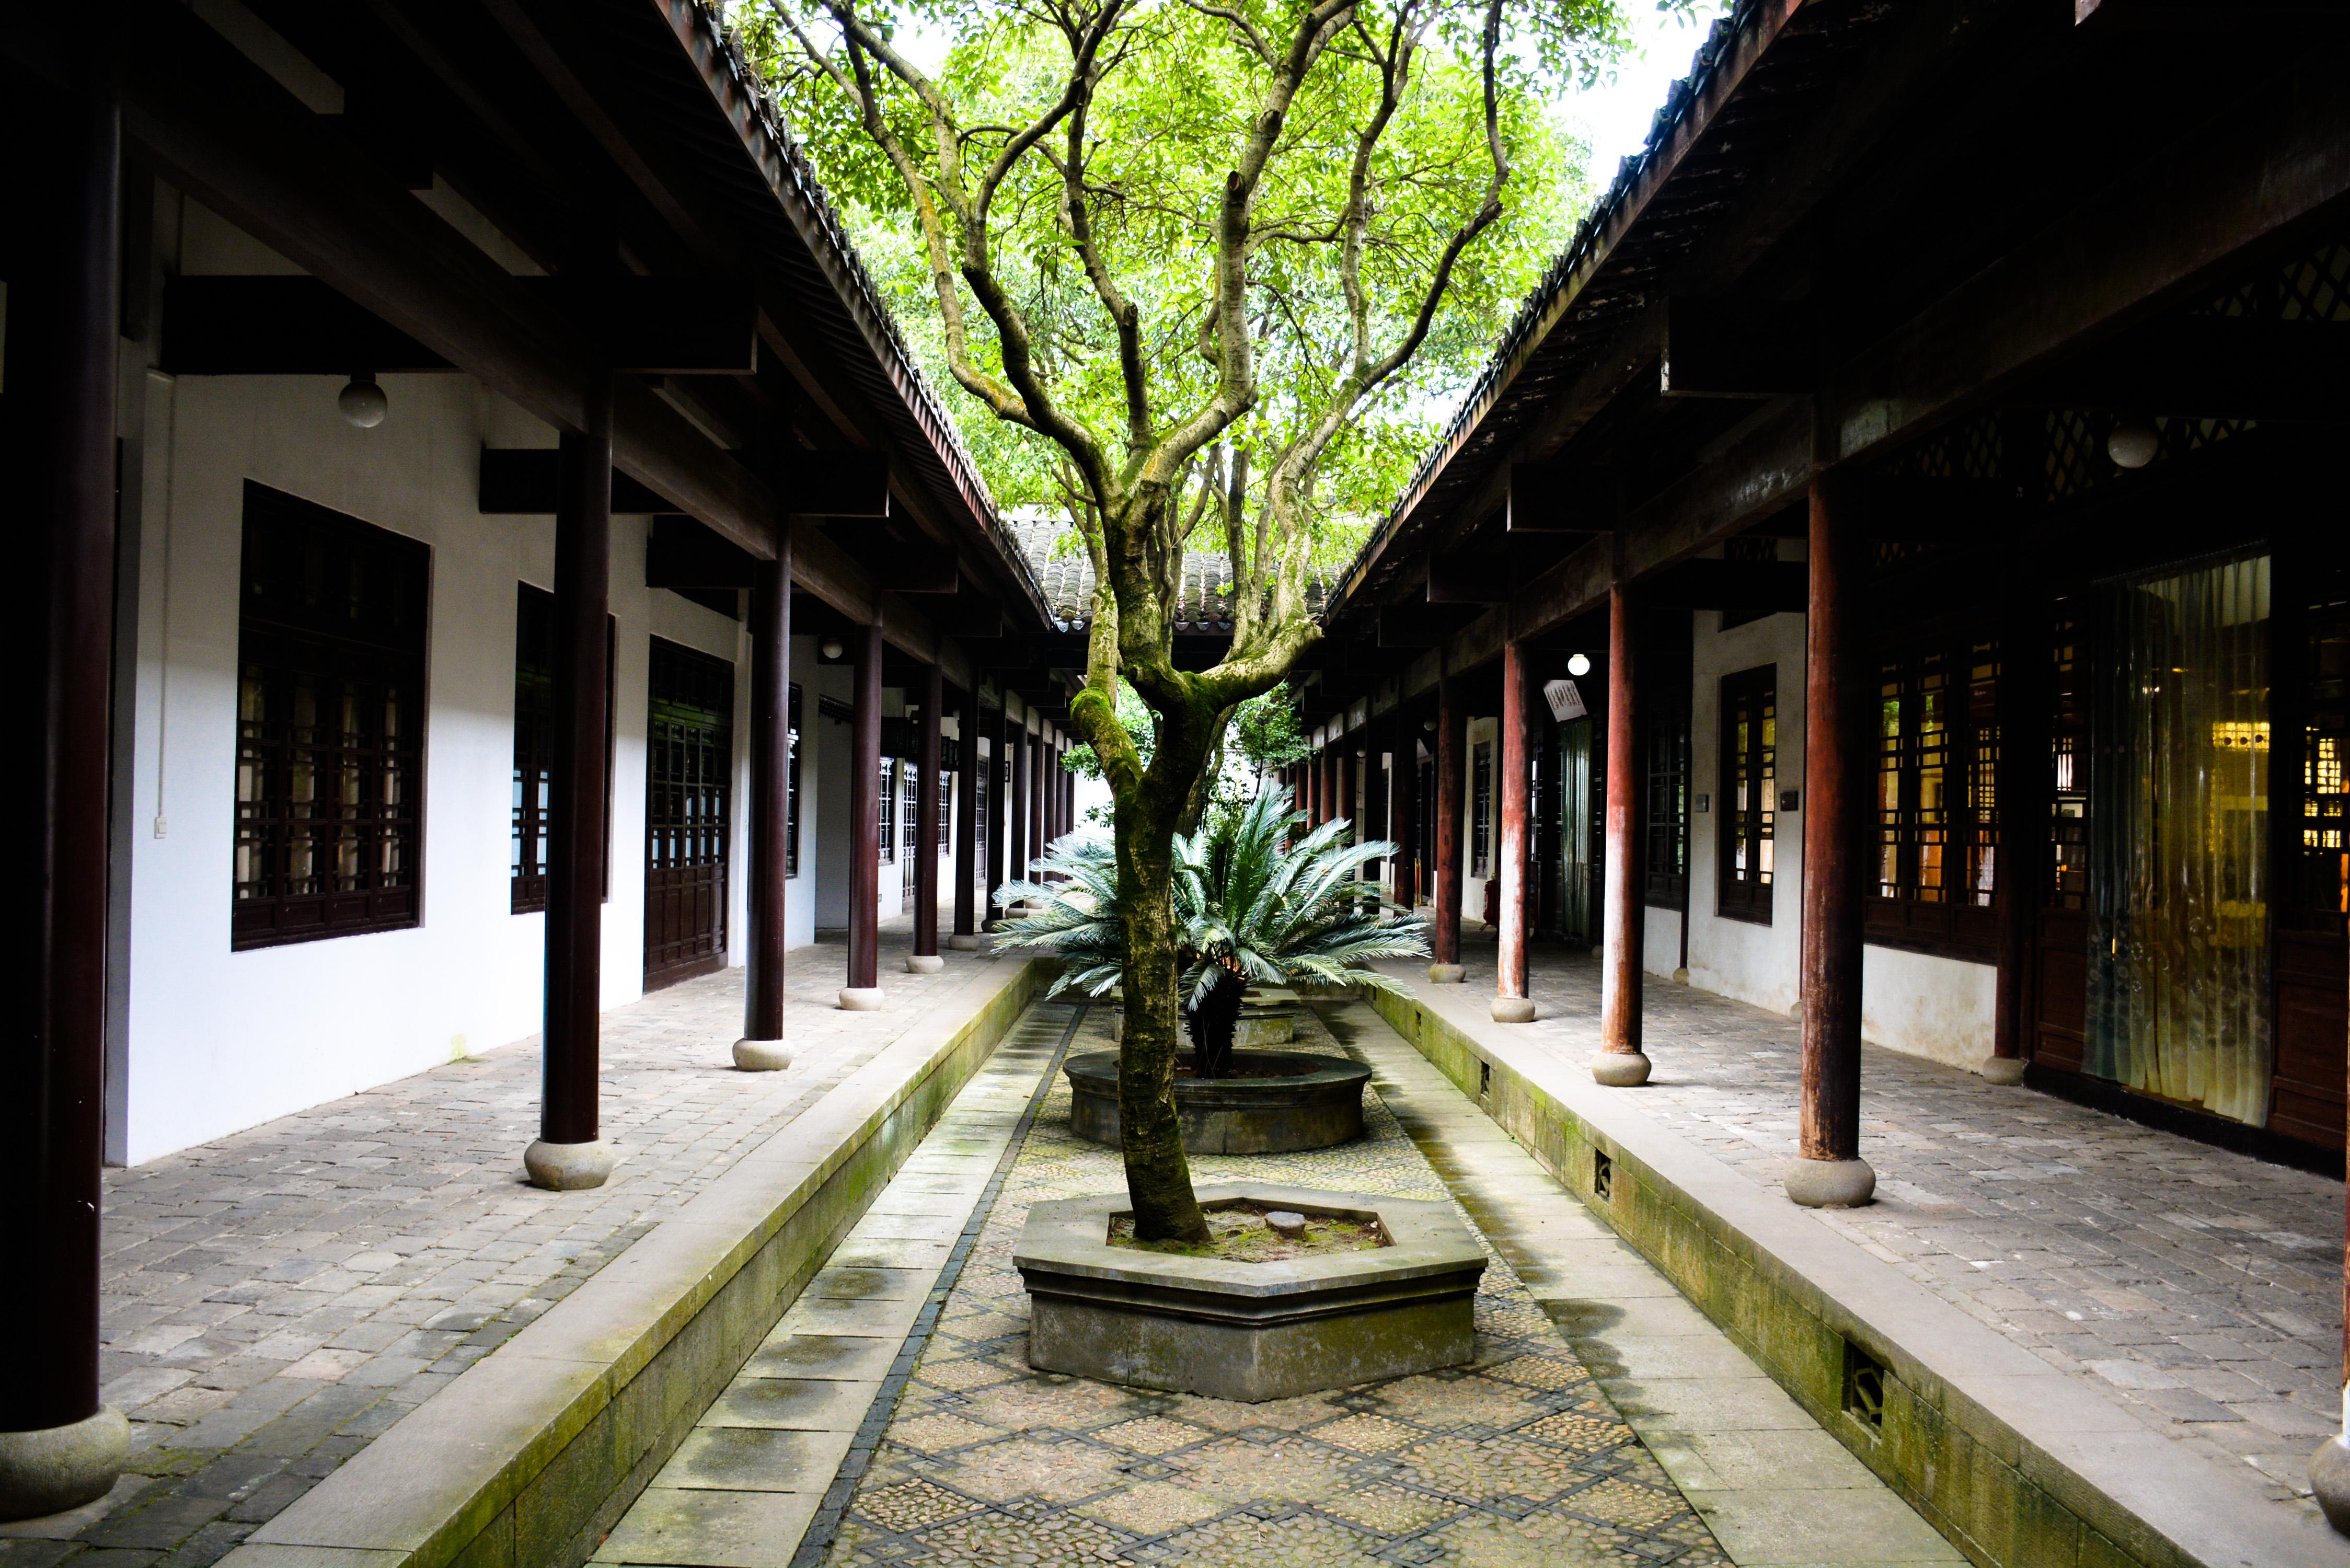 岳麓书院是古代汉族书院建筑,属于中国历史上著名的四大书院之一.